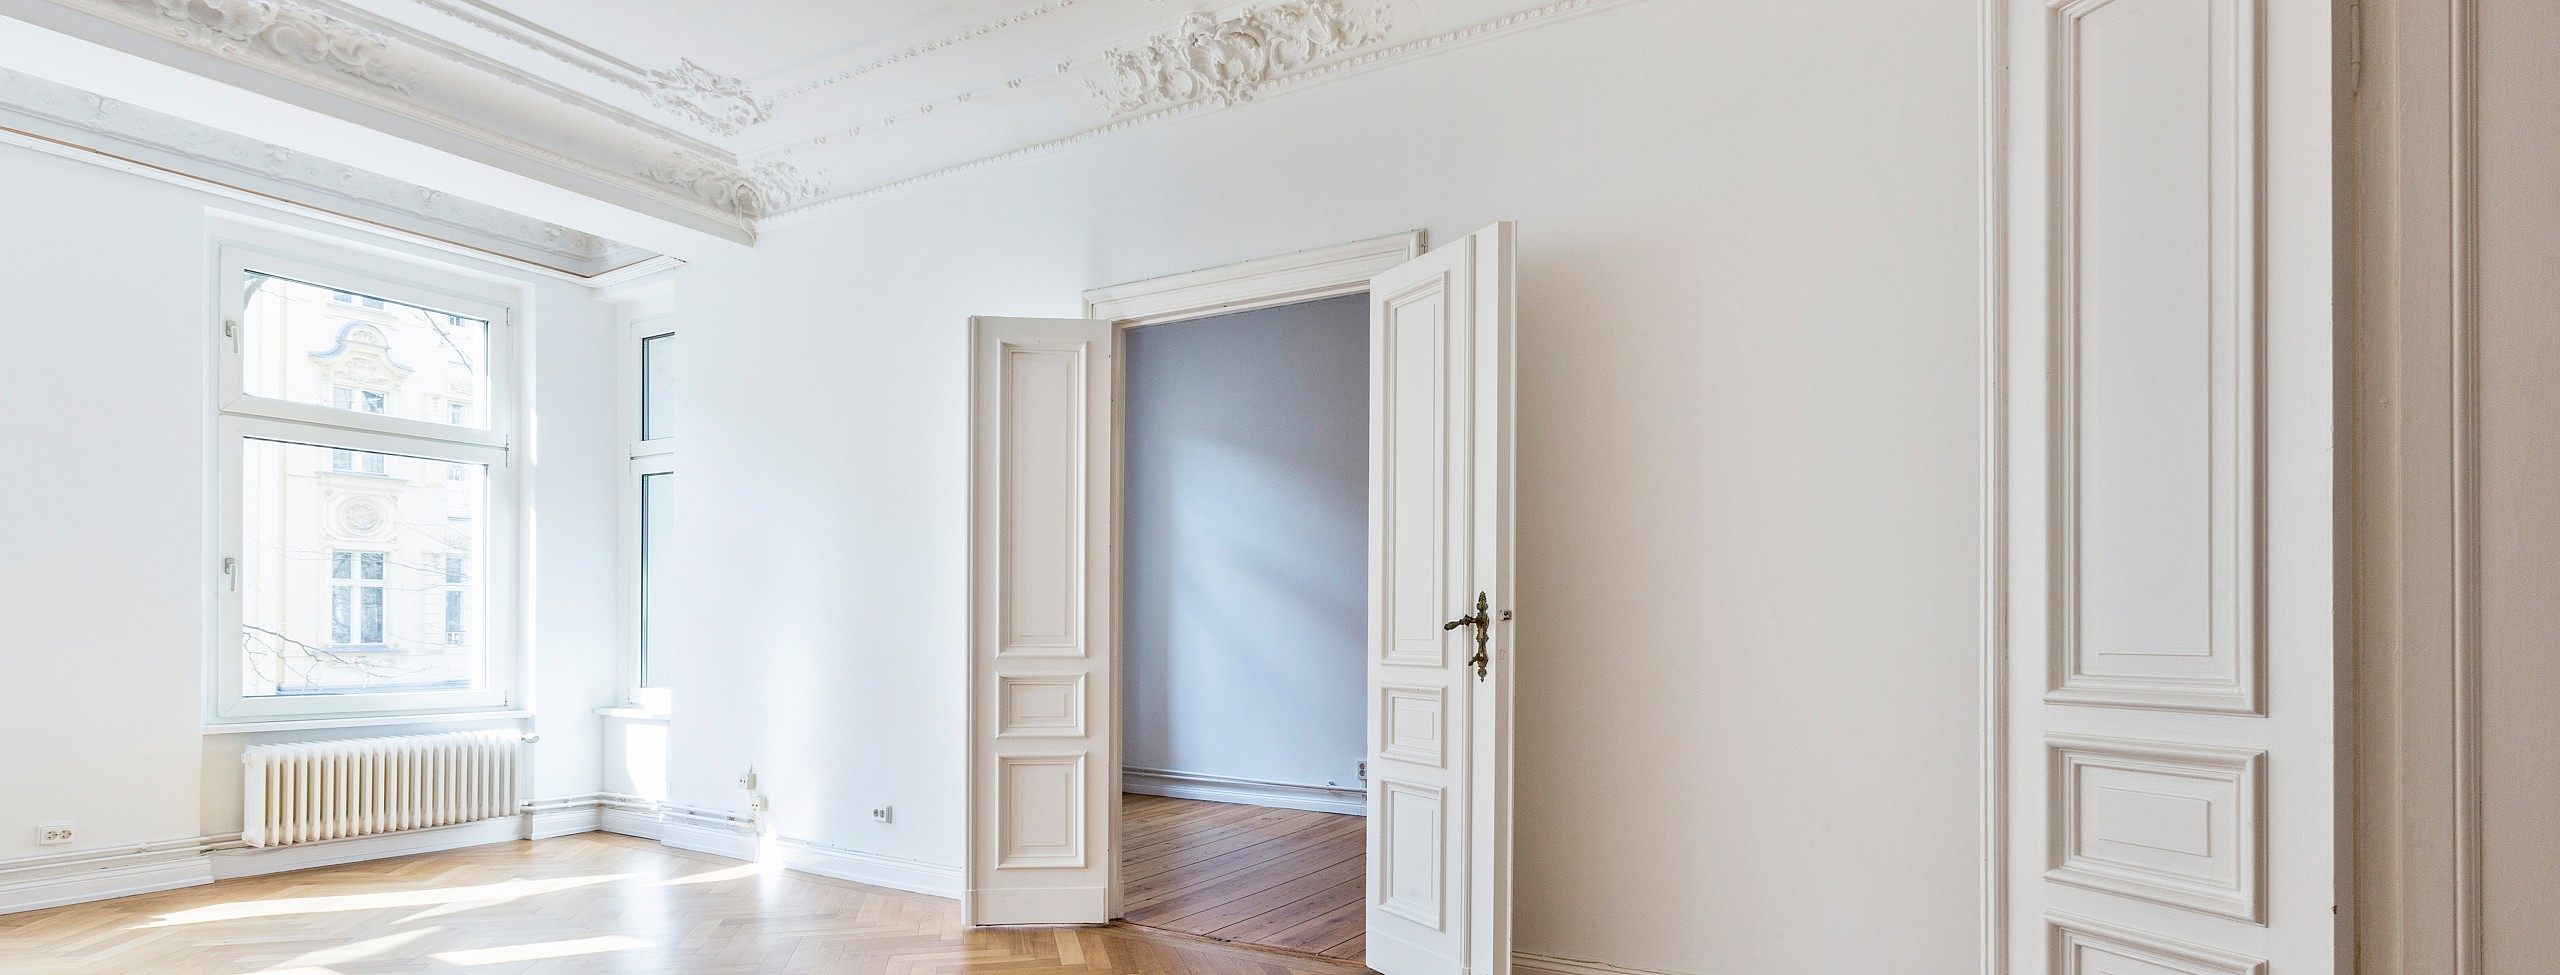 berlin kaufen stunning garage als anlage mit kaufen with berlin kaufen fabulous wohnung kaufen. Black Bedroom Furniture Sets. Home Design Ideas